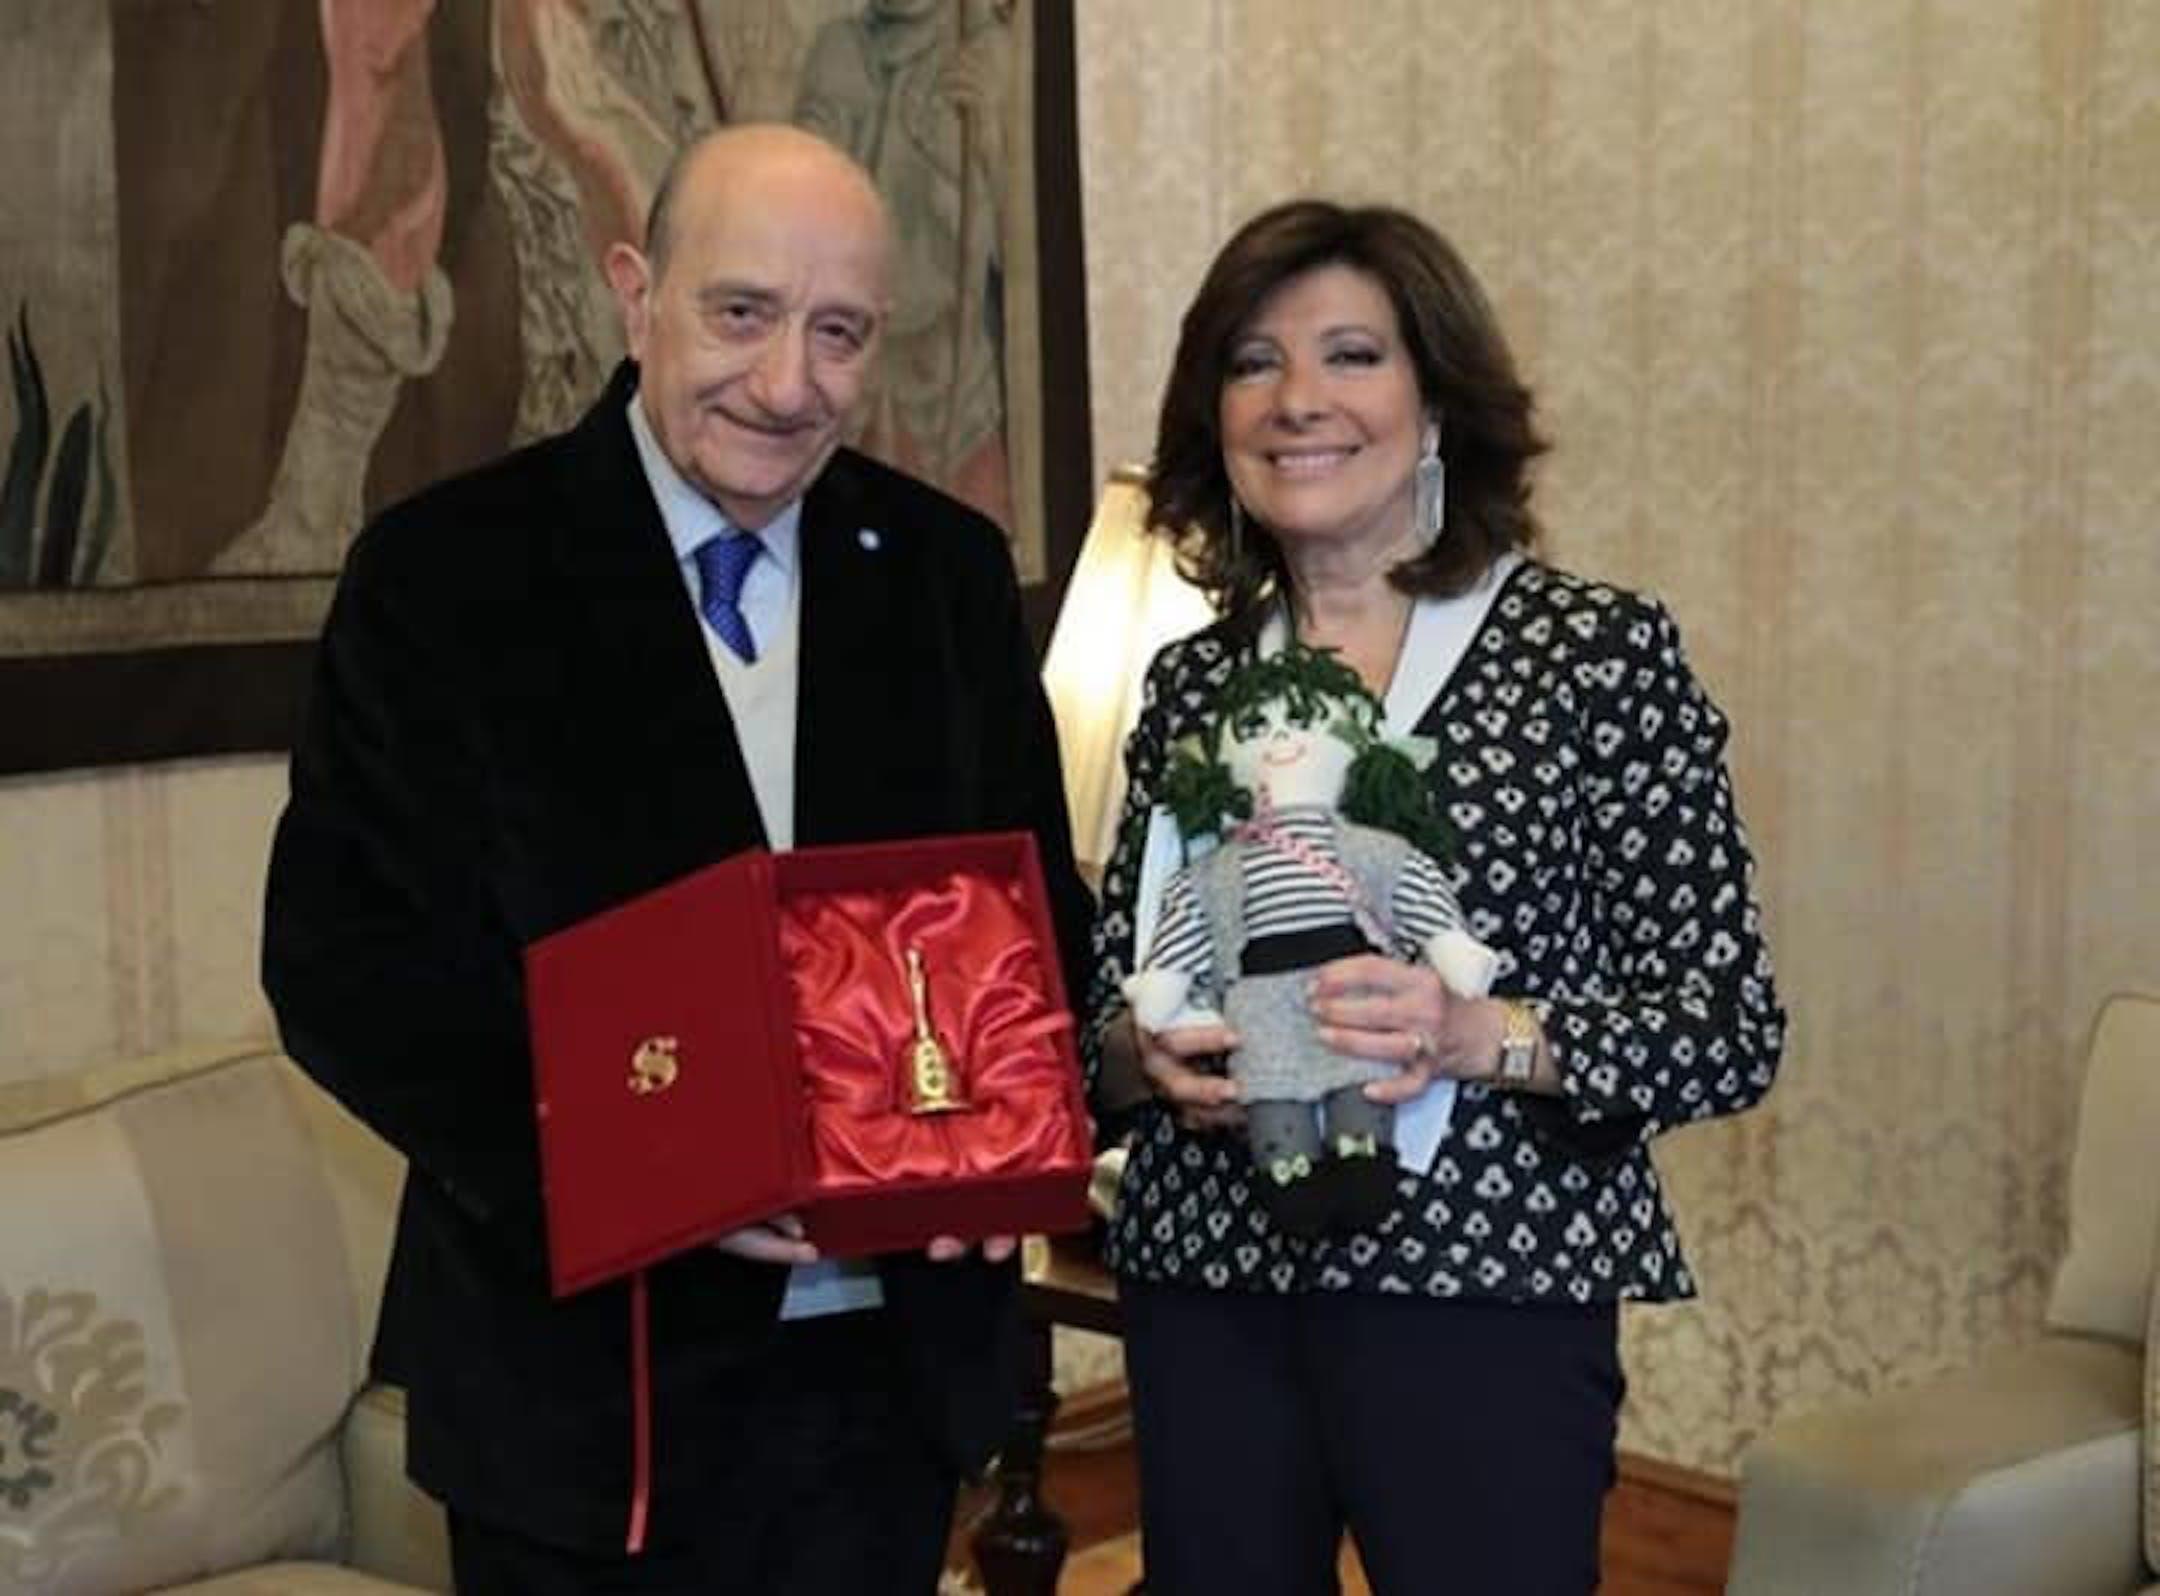 La Presidente del Senato Alberti Casellati con il Presidente dell'UNICEF Italia F. Samengo - ©Senato della Repubblica